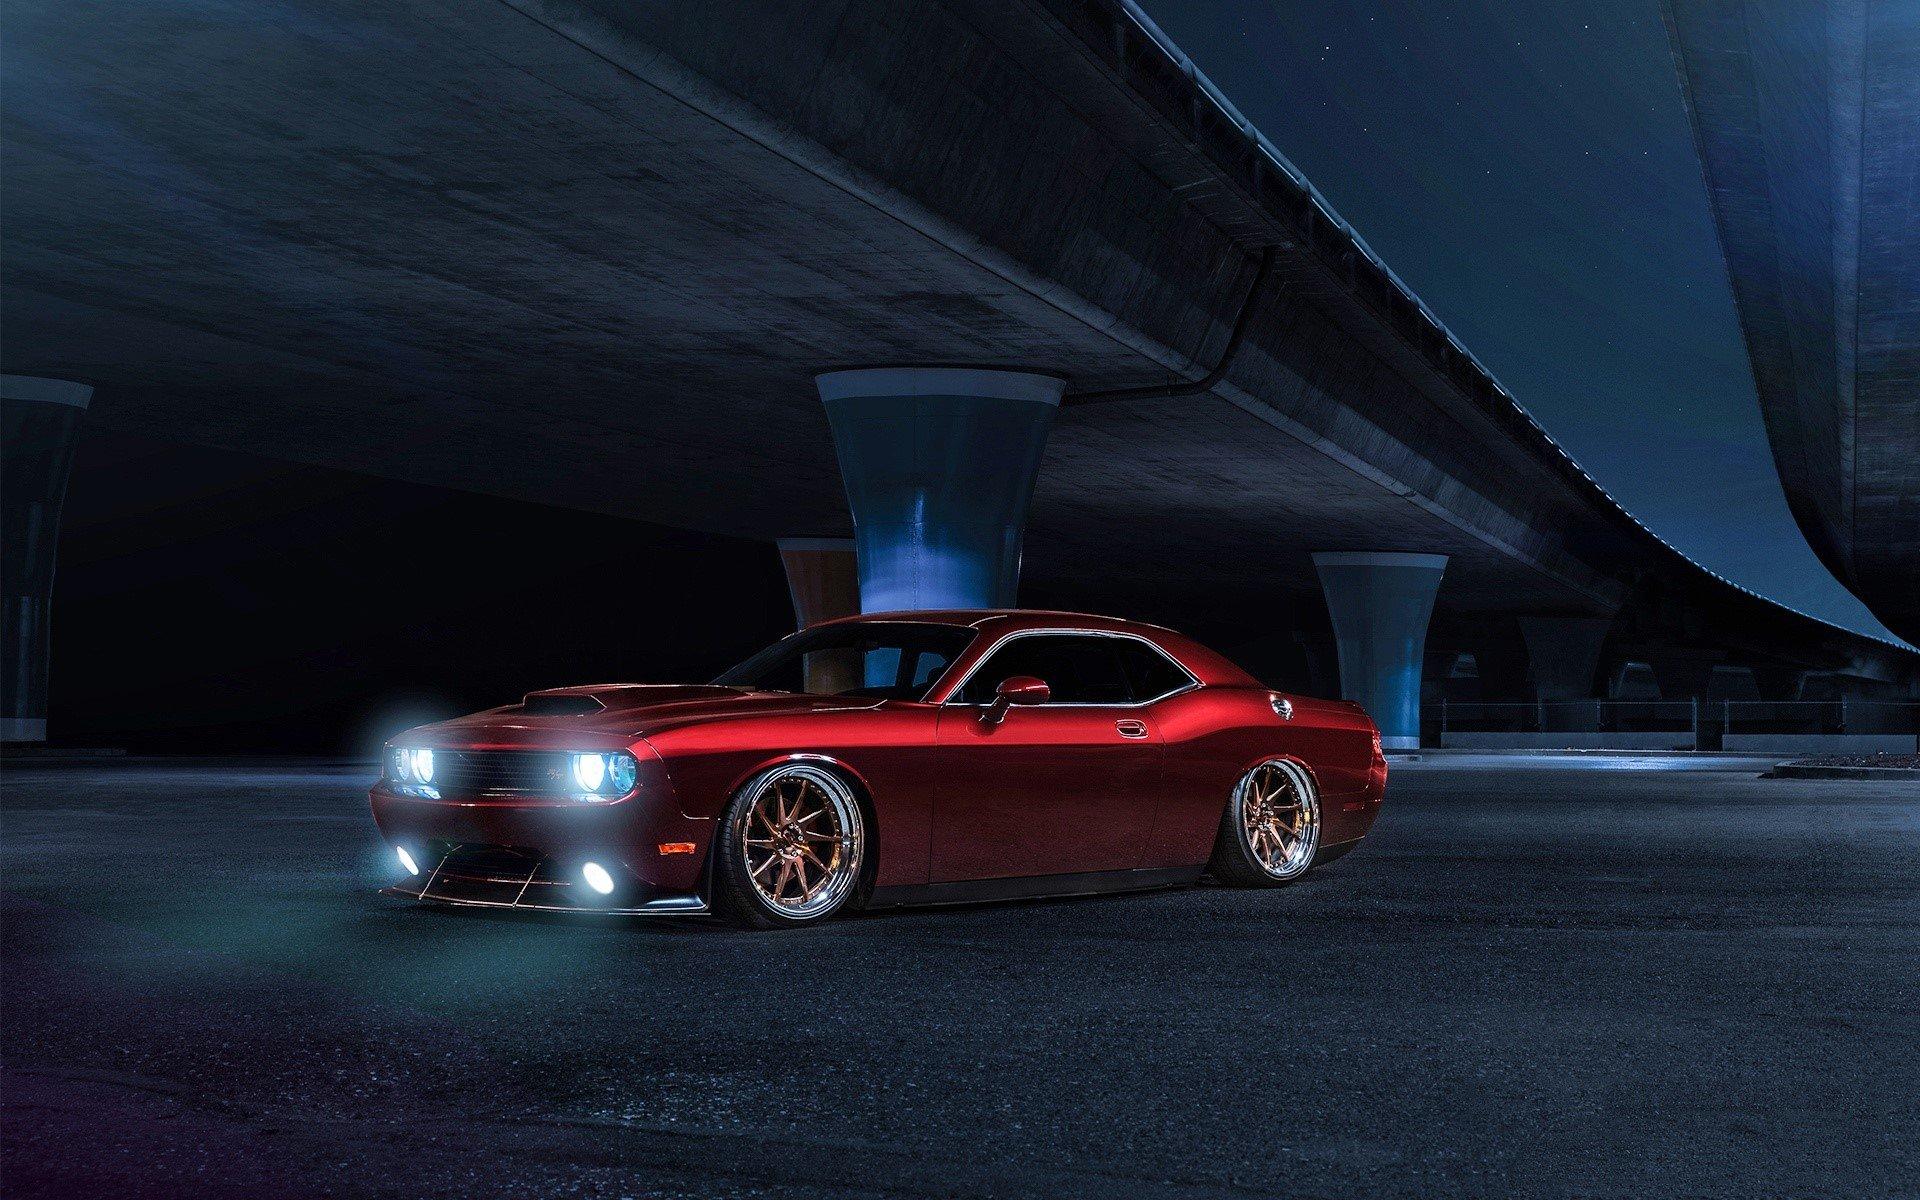 Fondo de pantalla de Dodge Challenger Avant Garde Wheels Imágenes